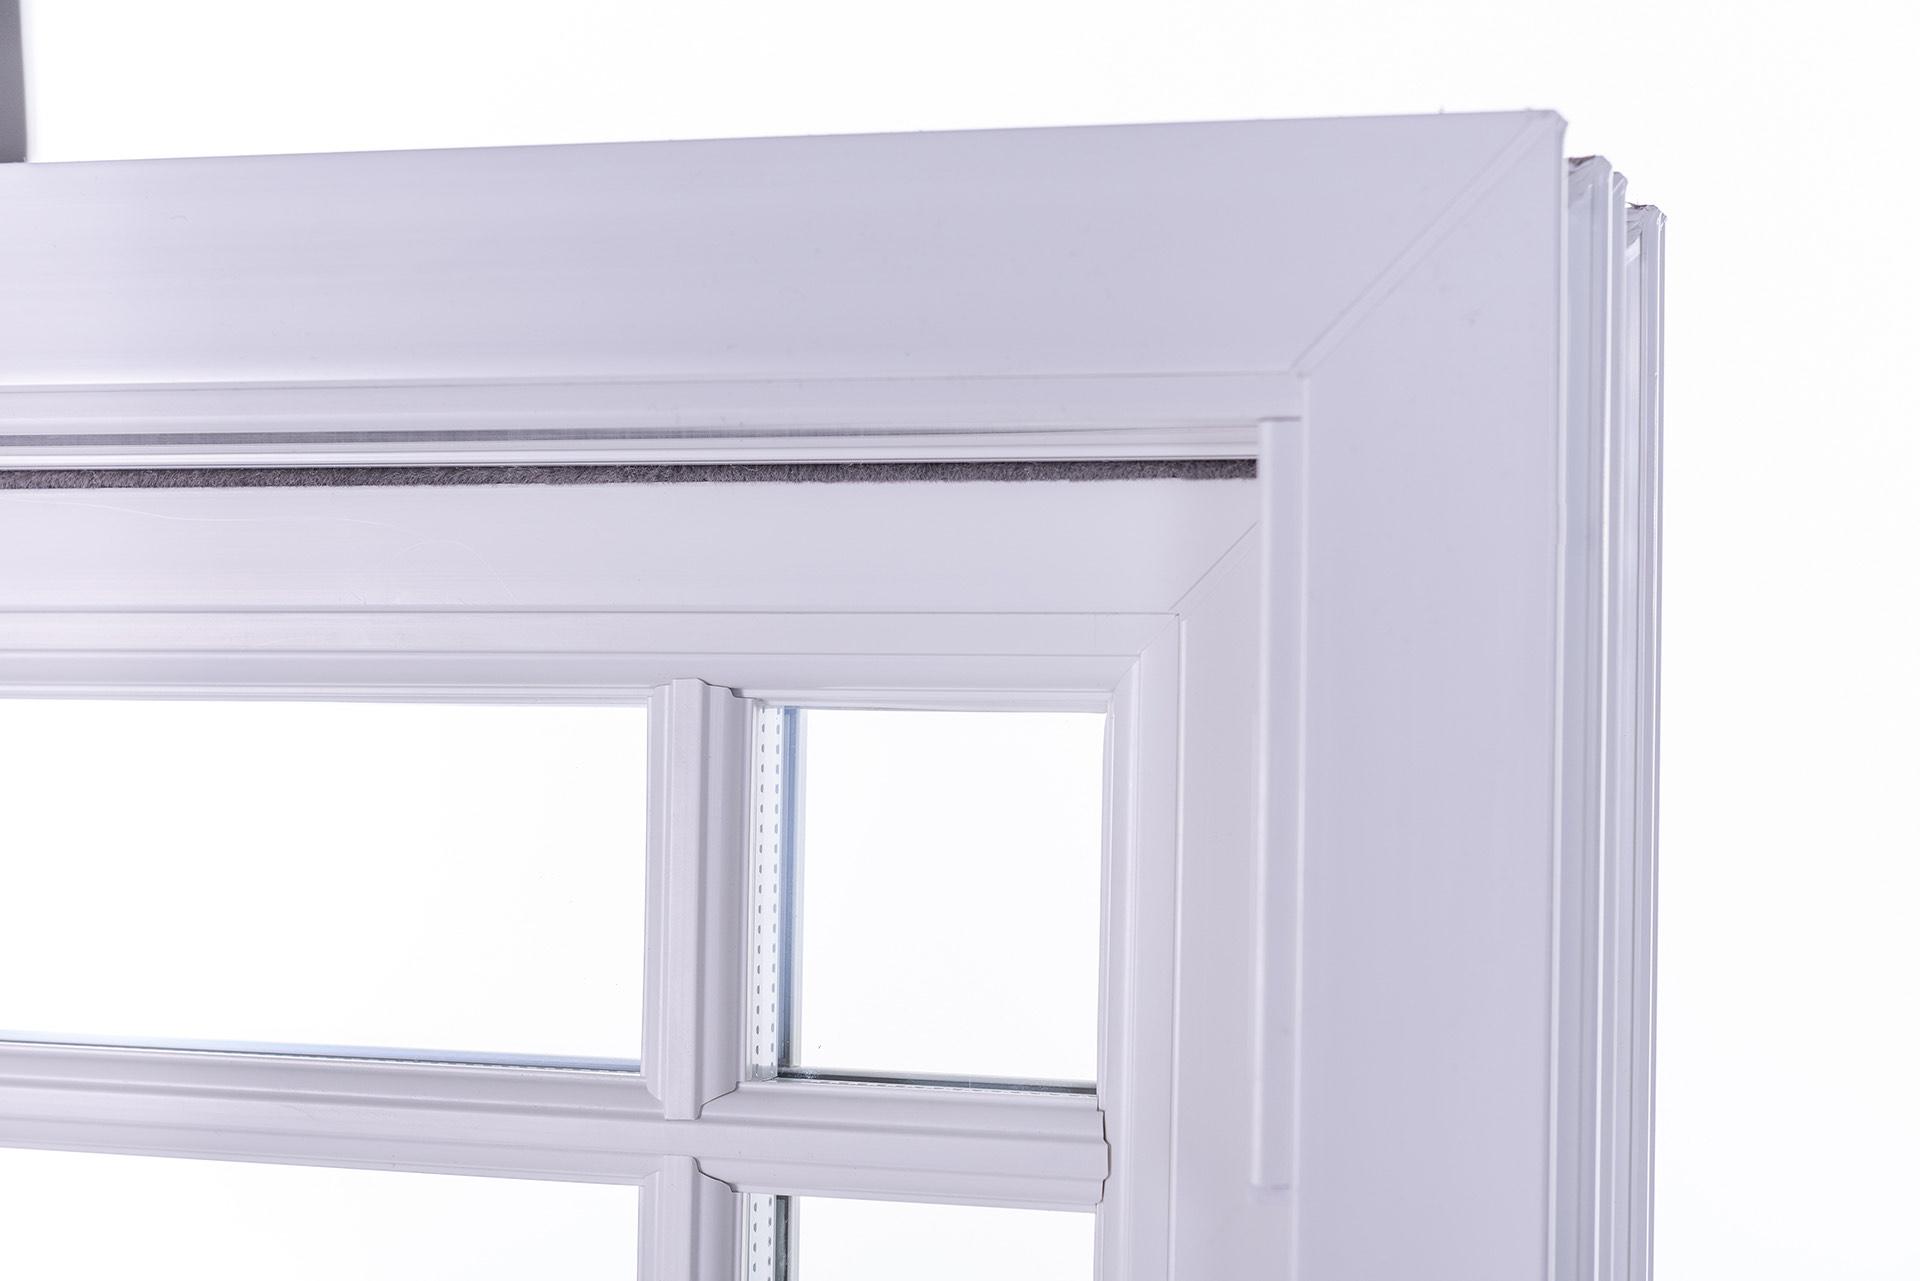 Sash Window Welds